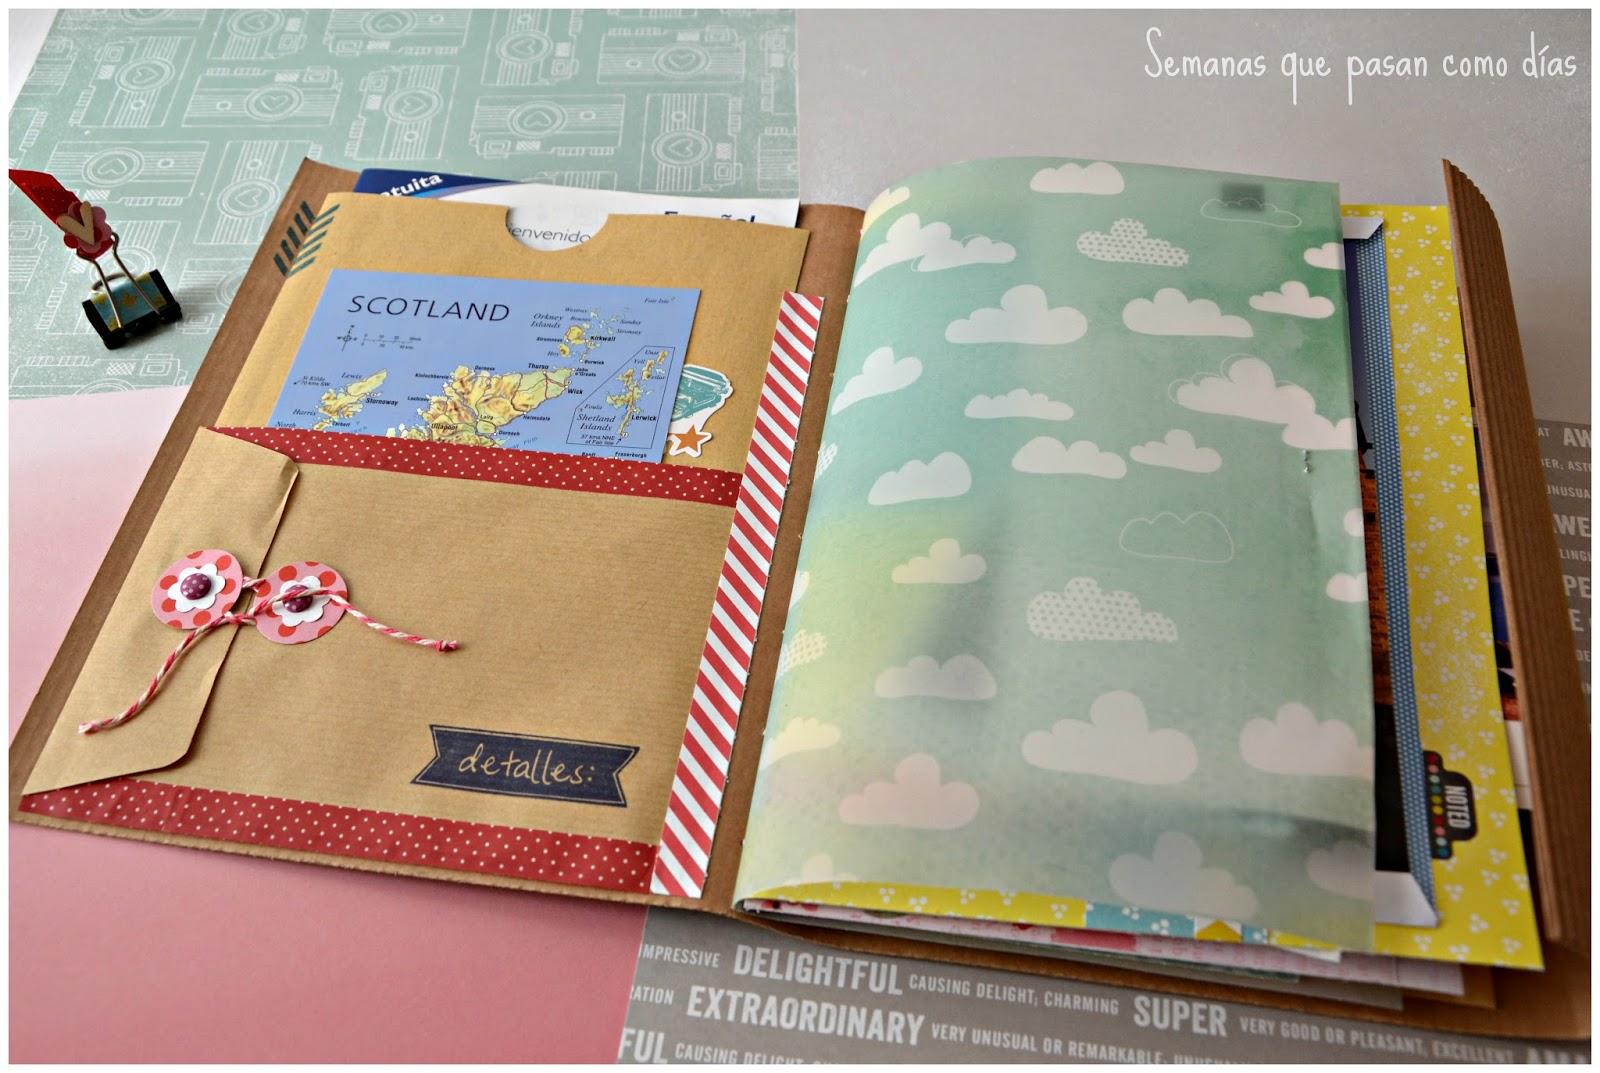 Semanas que pasan como d as viaje a escocia cuaderno - Decoracion de album de fotos ...